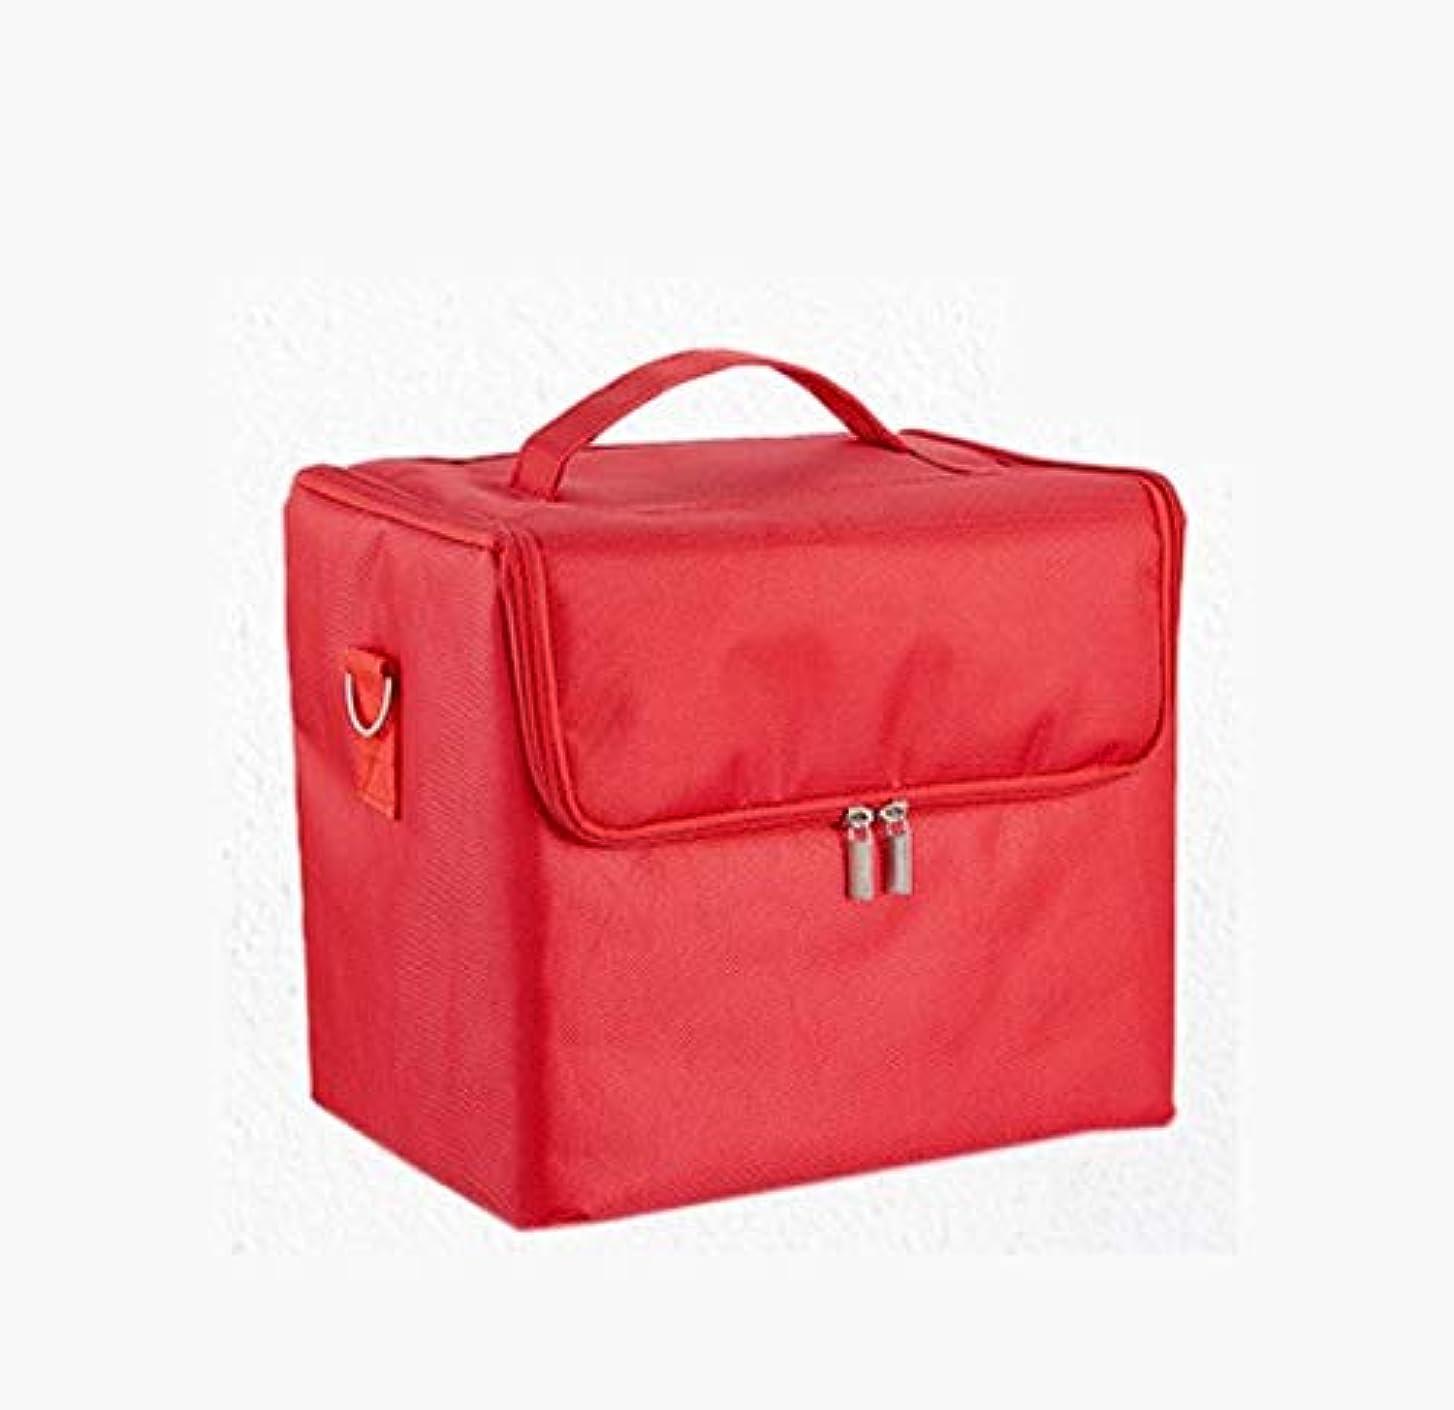 のスコア文言補正化粧箱、大容量多機能防水化粧品ケース、携帯用旅行化粧品袋収納袋、美容化粧ネイルジュエリー収納箱 (Color : Red)